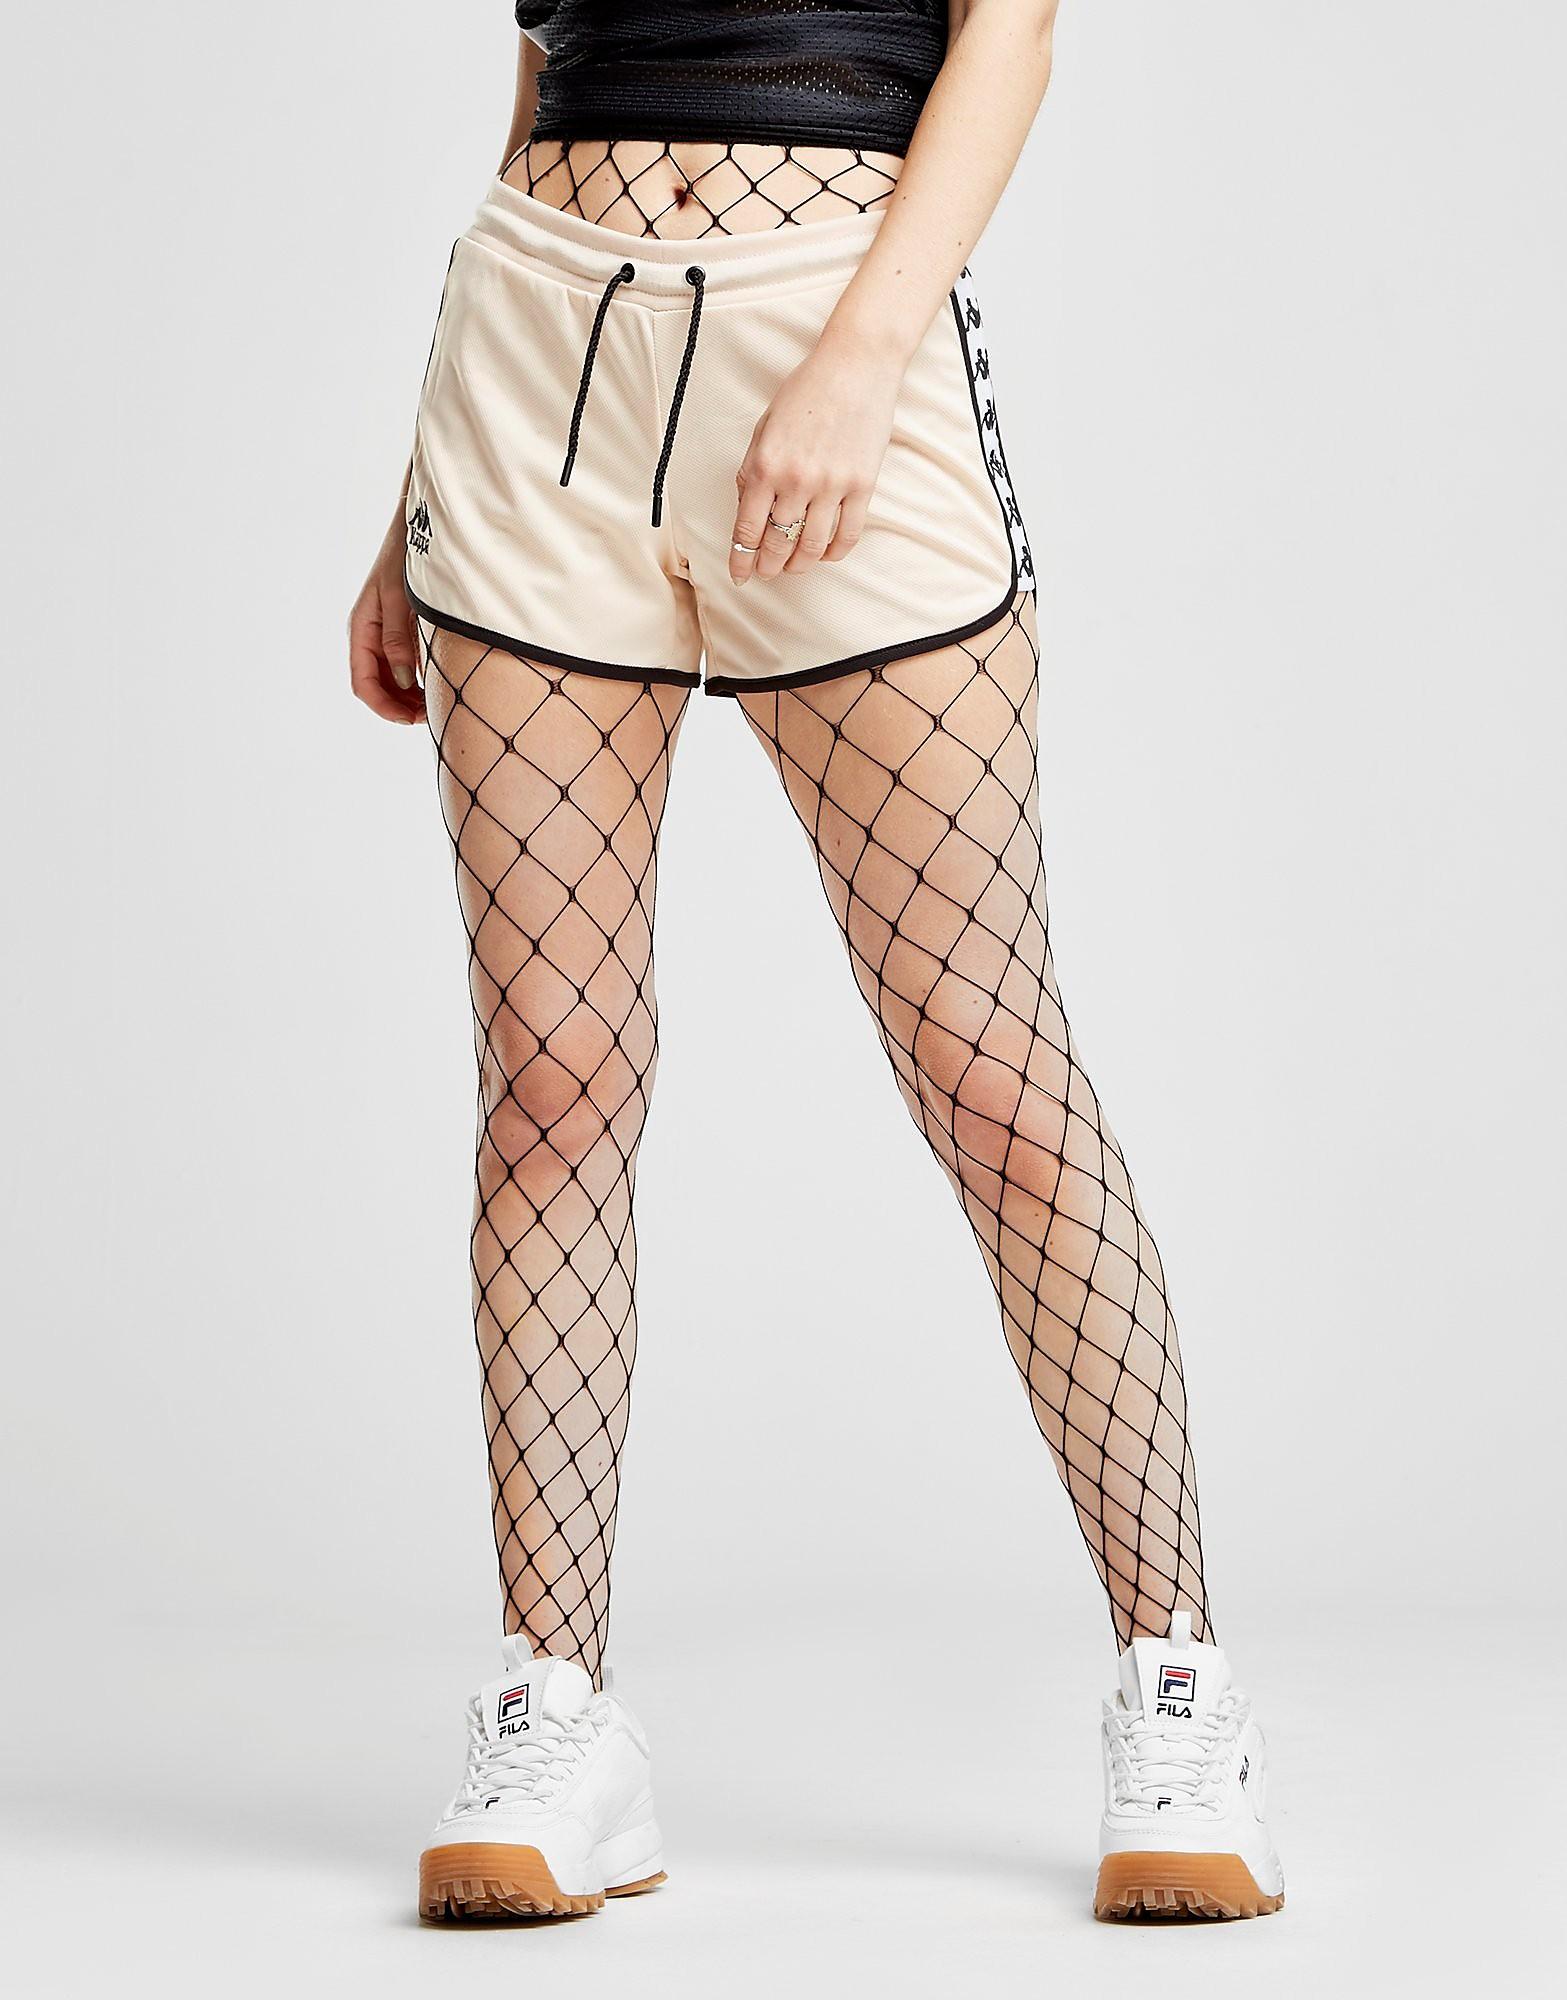 Kappa Anguy Shorts